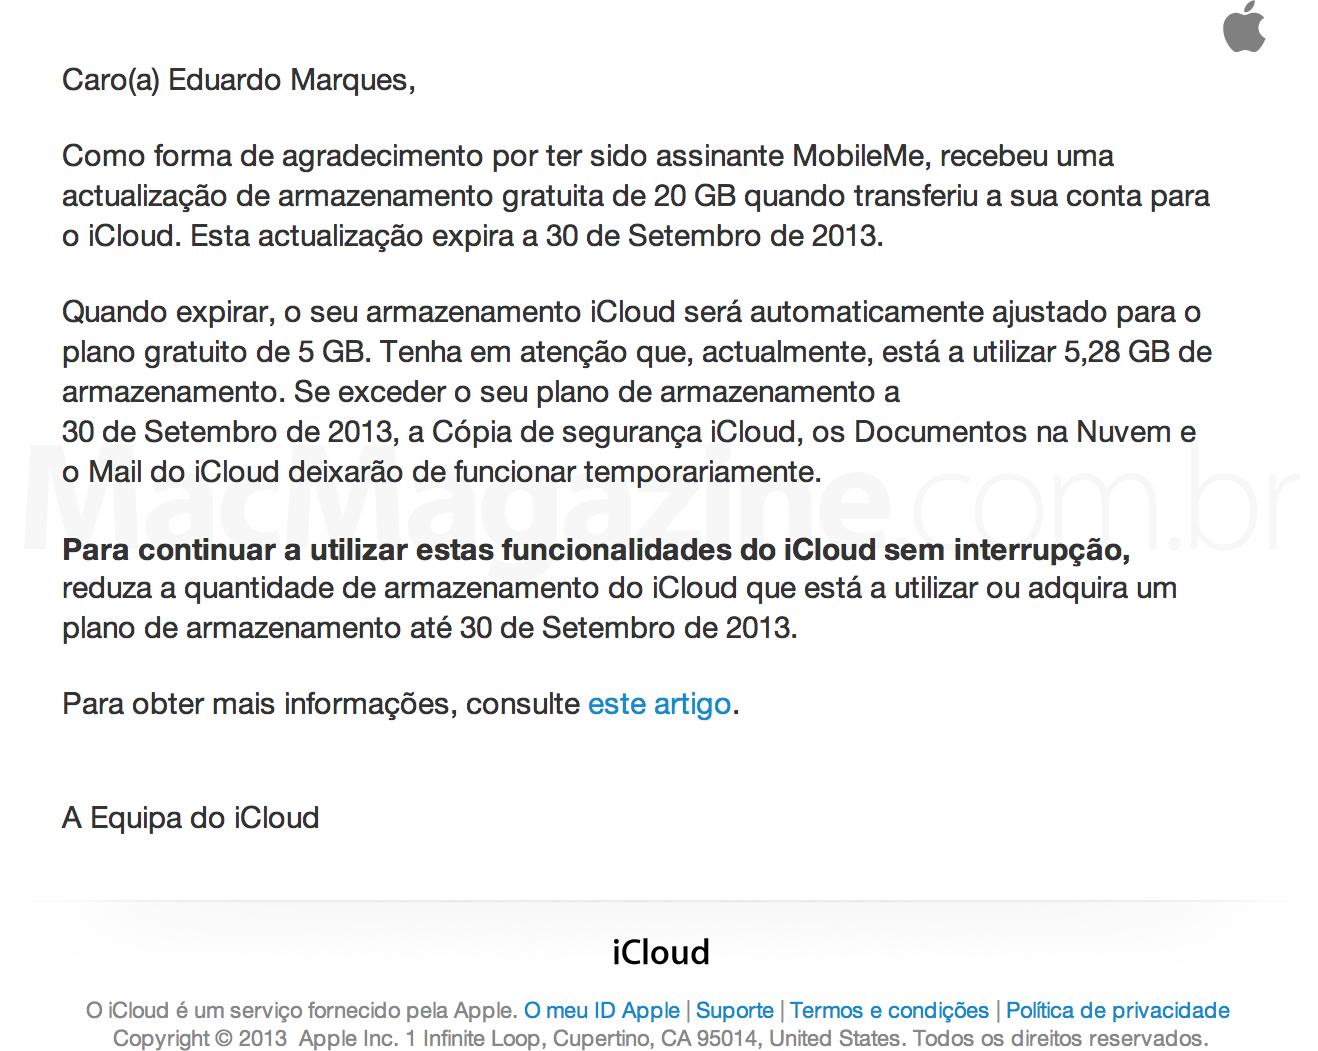 Email da Apple sobre armazenamento do iCloud